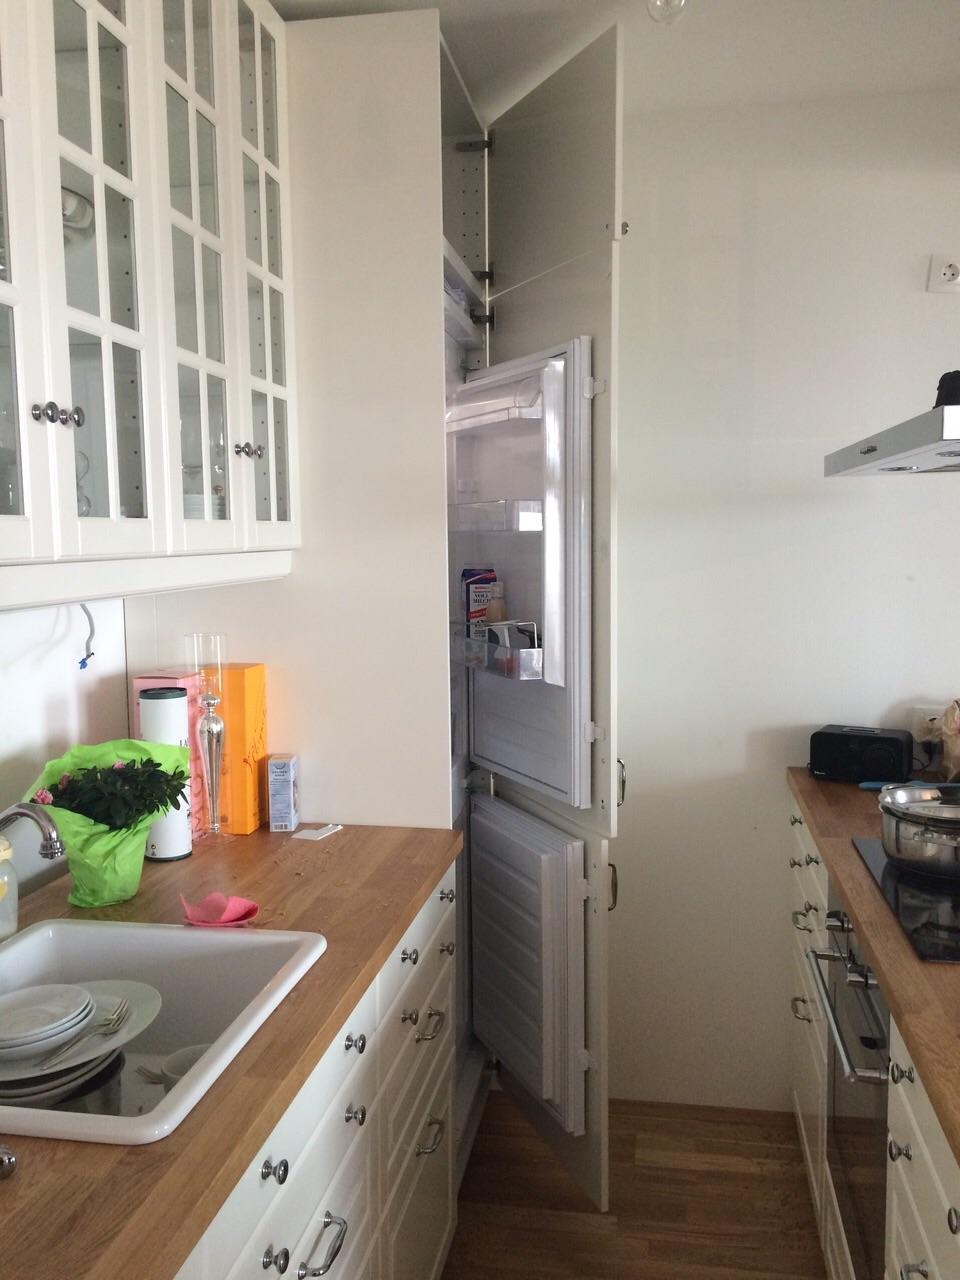 weiße Küche perspektivisch dargestellt (links und rechts). Am Ende des Bildes ist der halb geöffnete Kühlschrank ersichtlich.